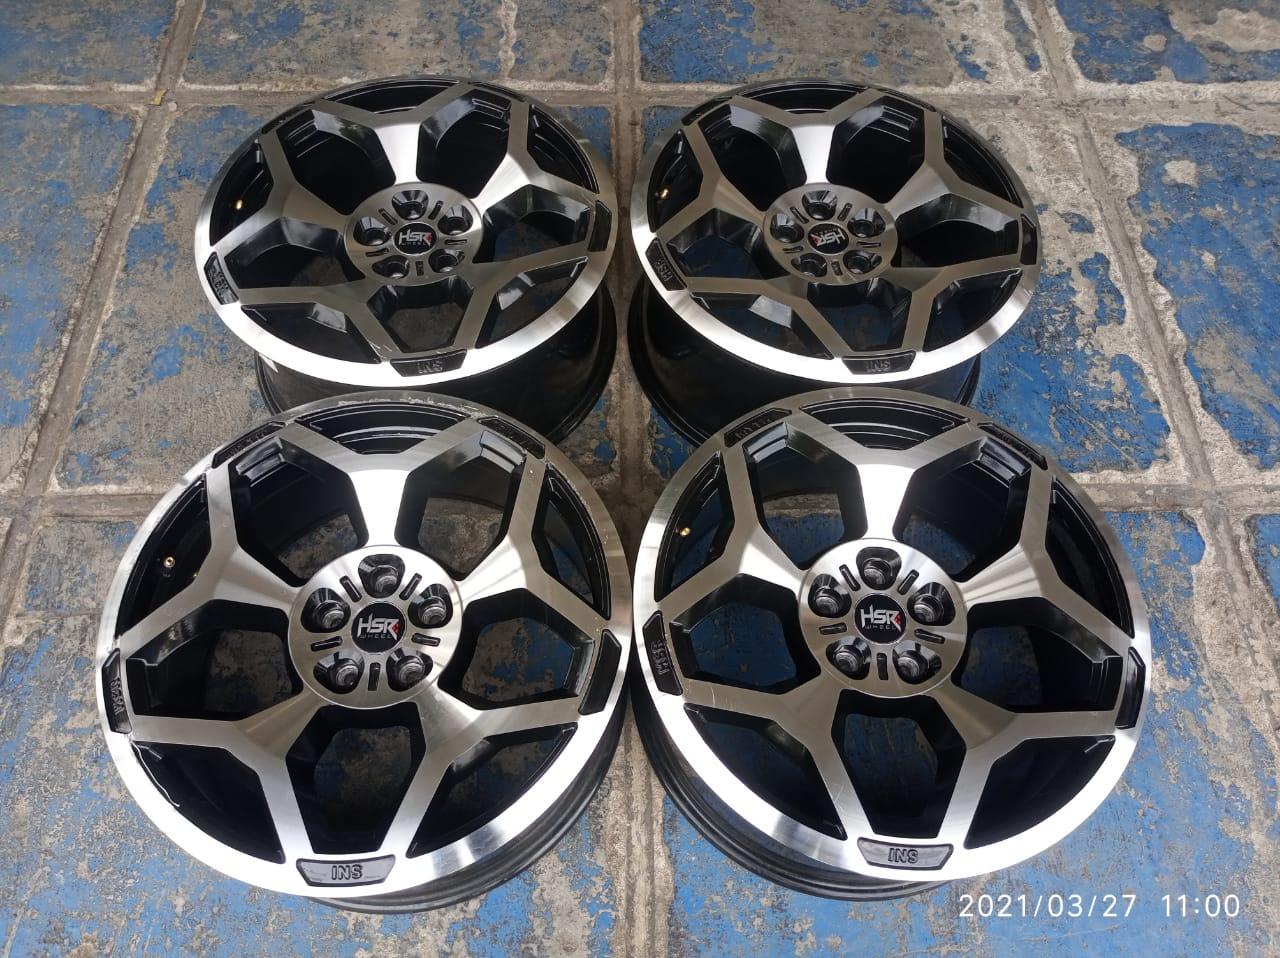 velg bekas mobil  ring 20 lebar 8,5 hole 5×114 warna hitam polish by hsr myth 05